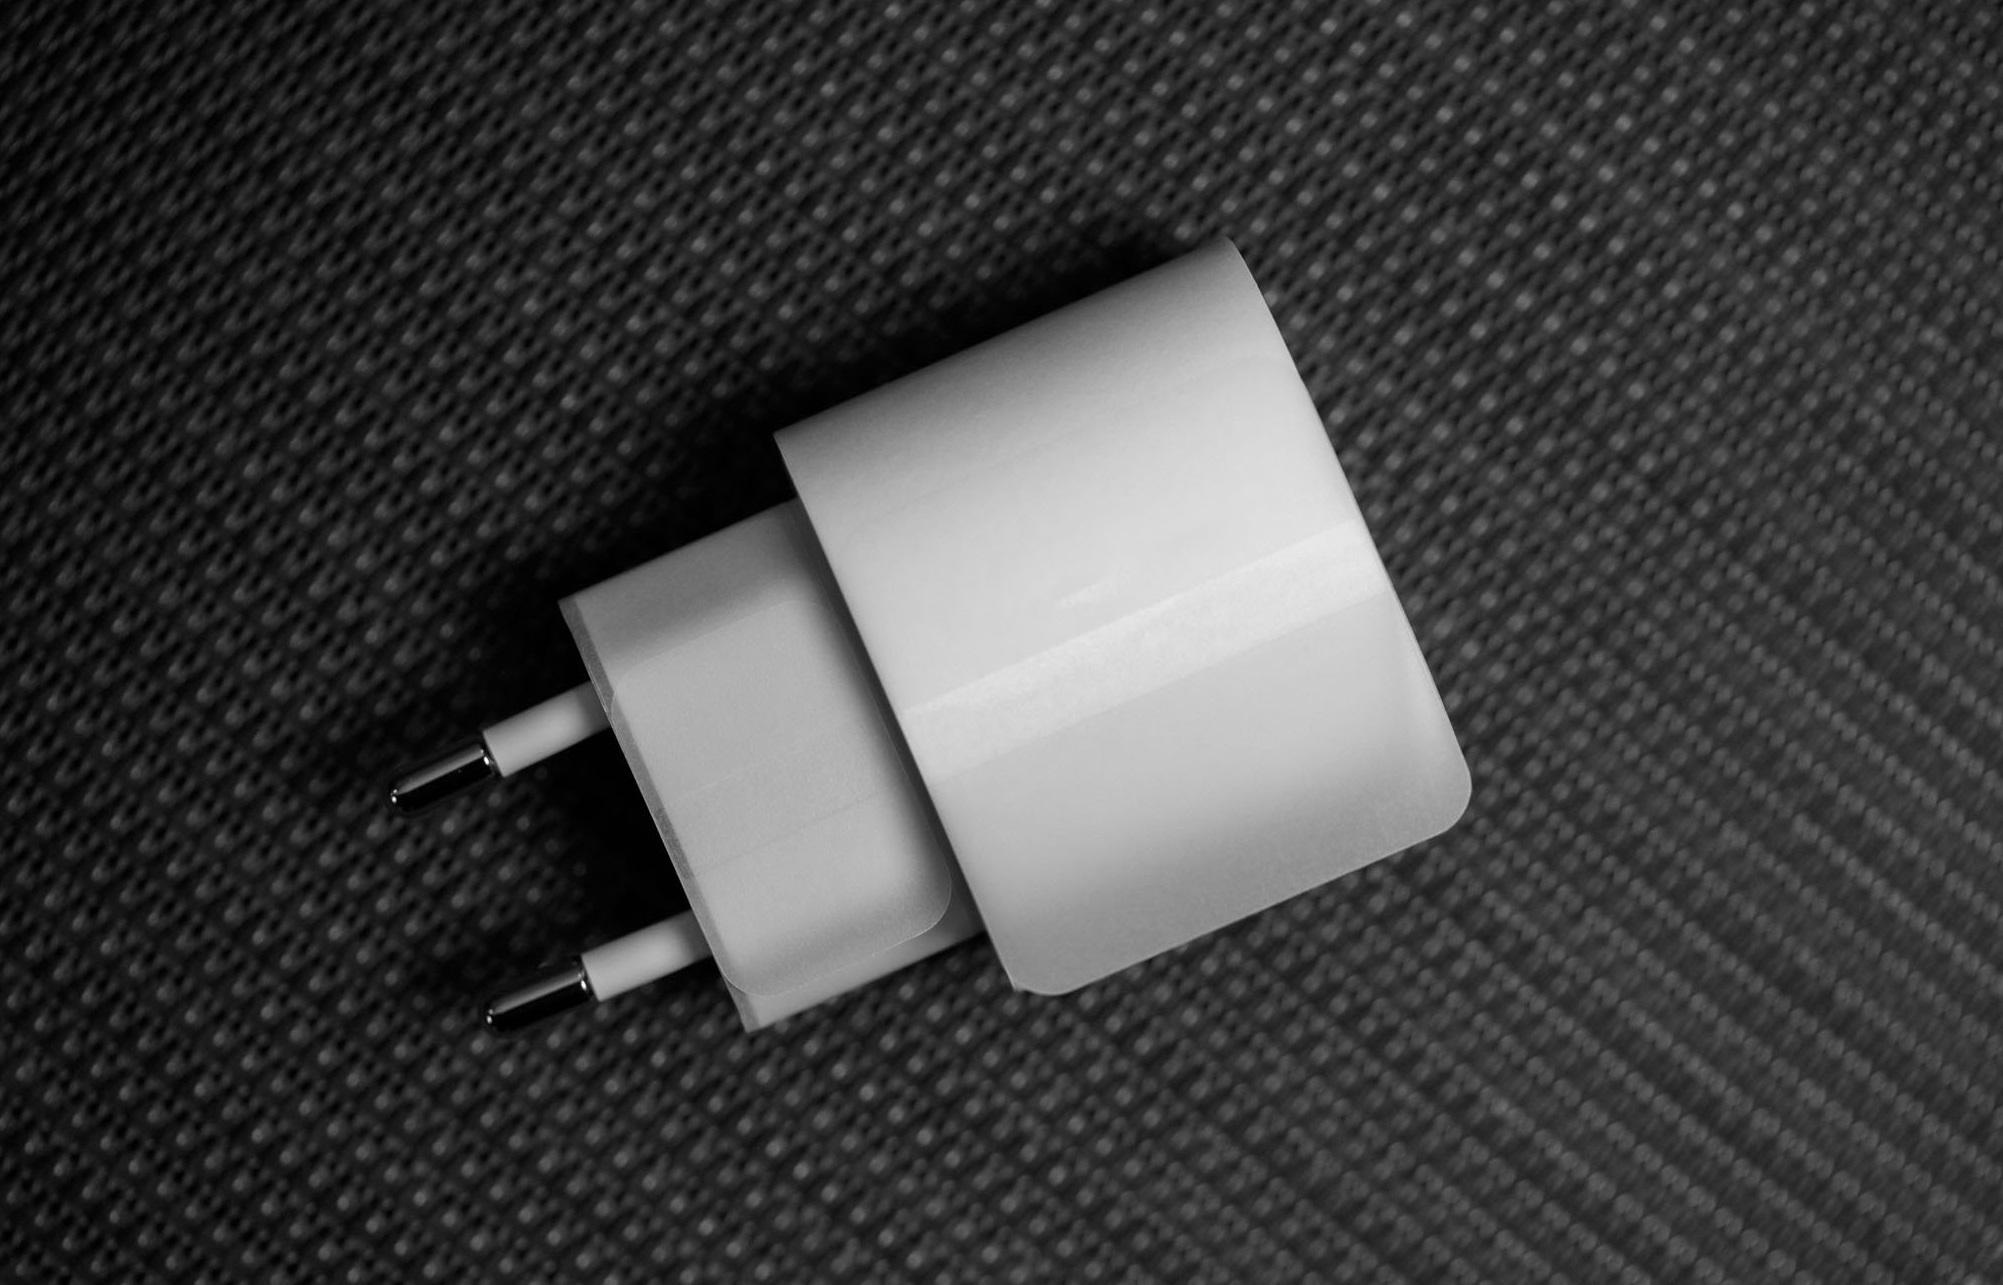 Adapter Củ sạc nhanh 20W PD chân tròn sạc siêu nhanh cho Iphone 12, Ipad